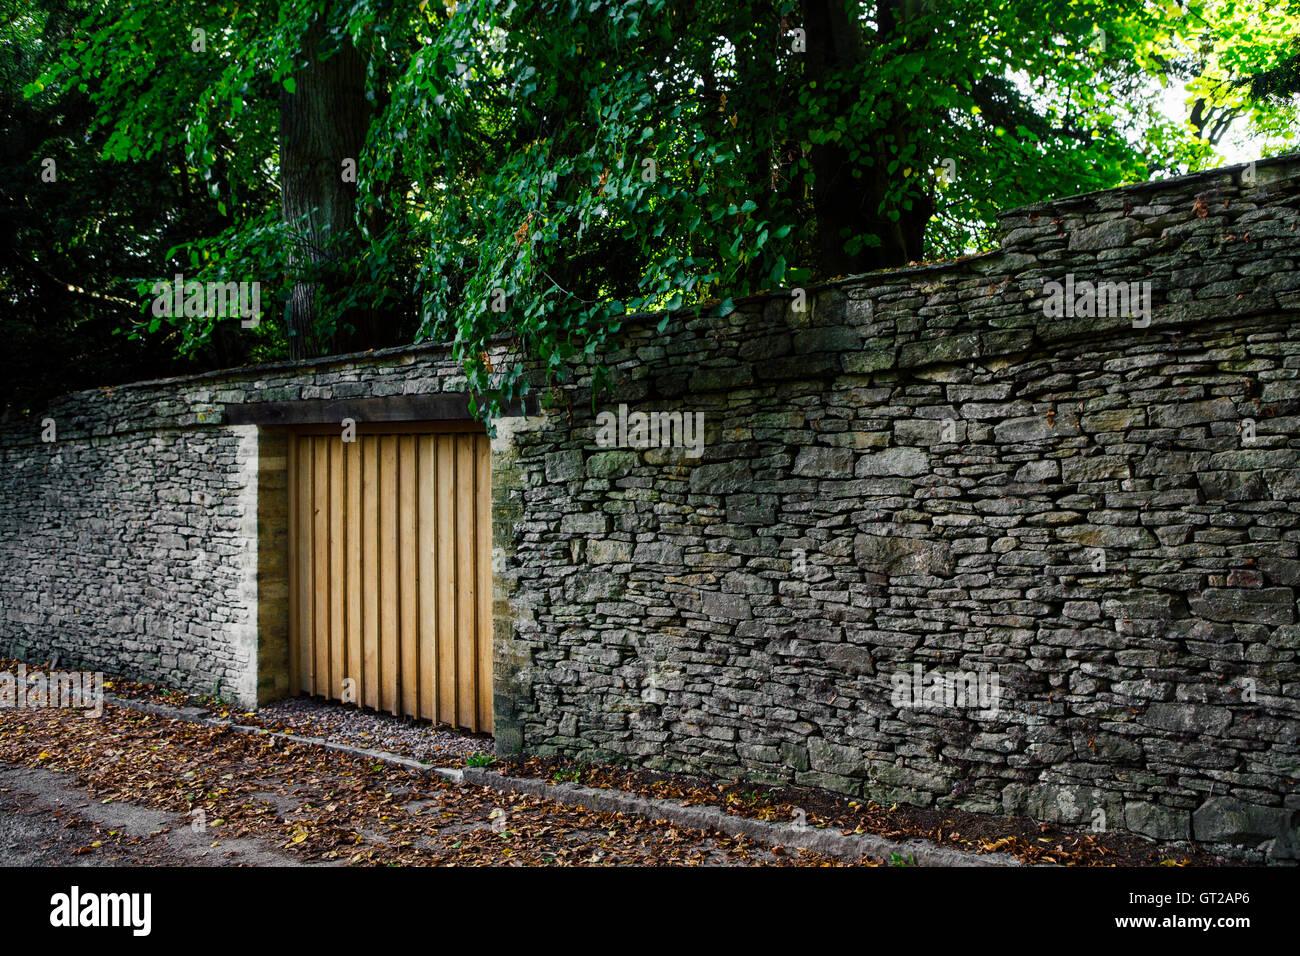 Simple porte en bois dans un mur de pierre comme une porte de garage l 39 entr e d 39 une propri t - Didier wampas comme dans un garage ...